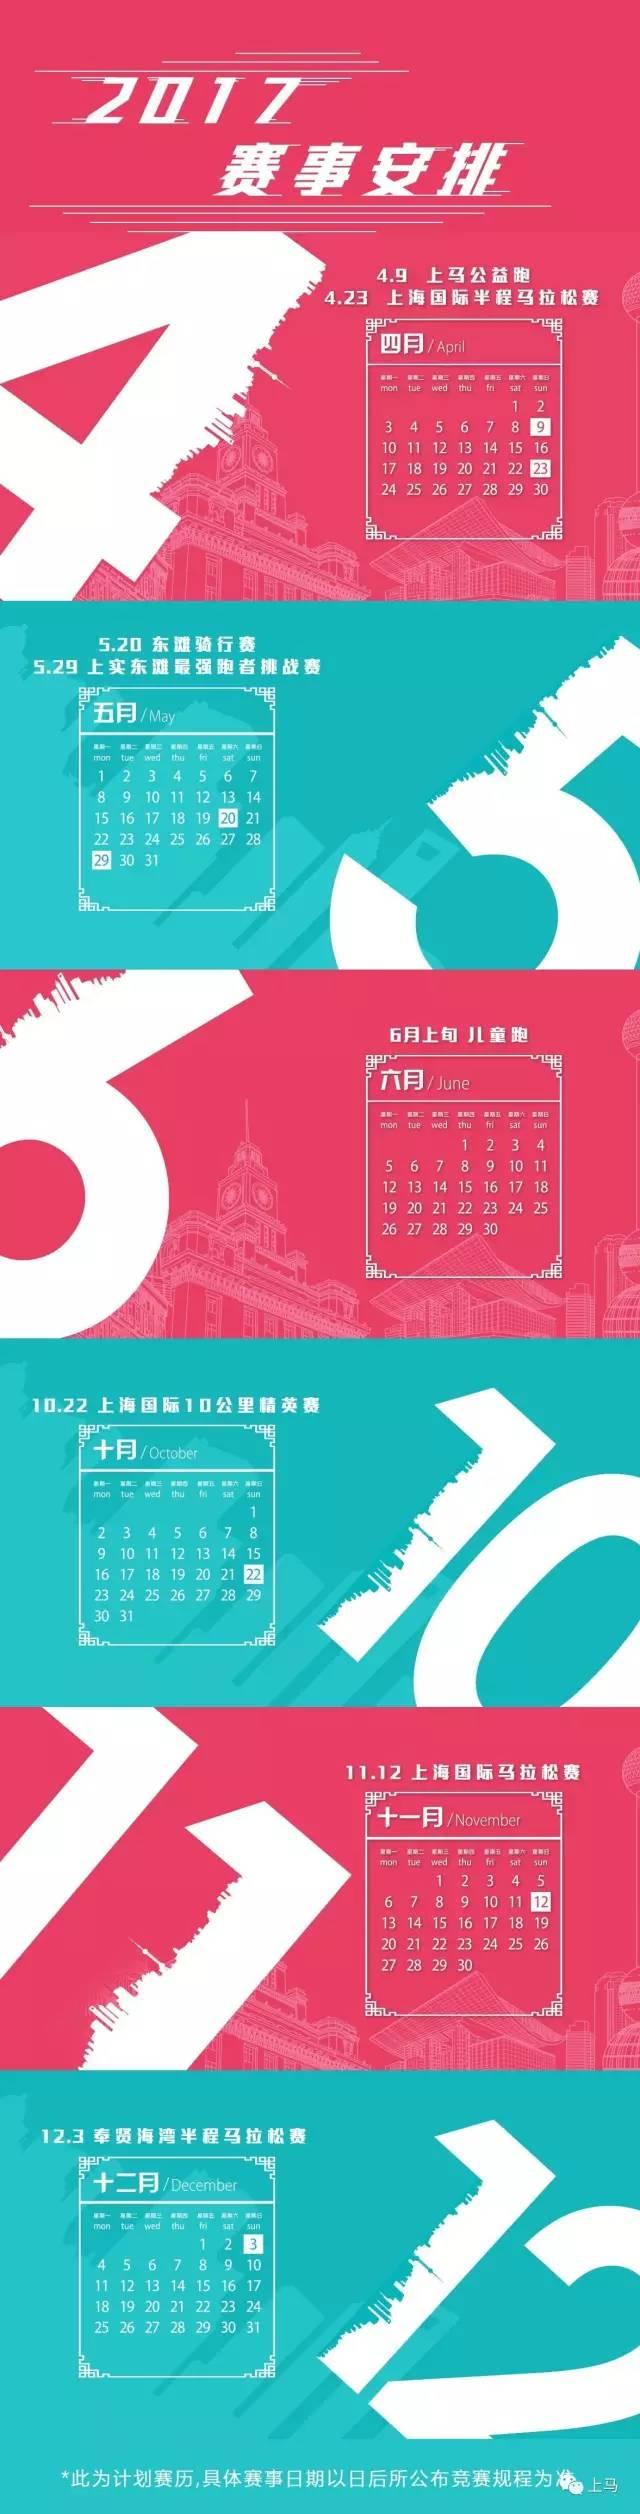 2017年上海国际马拉松11月12日开跑